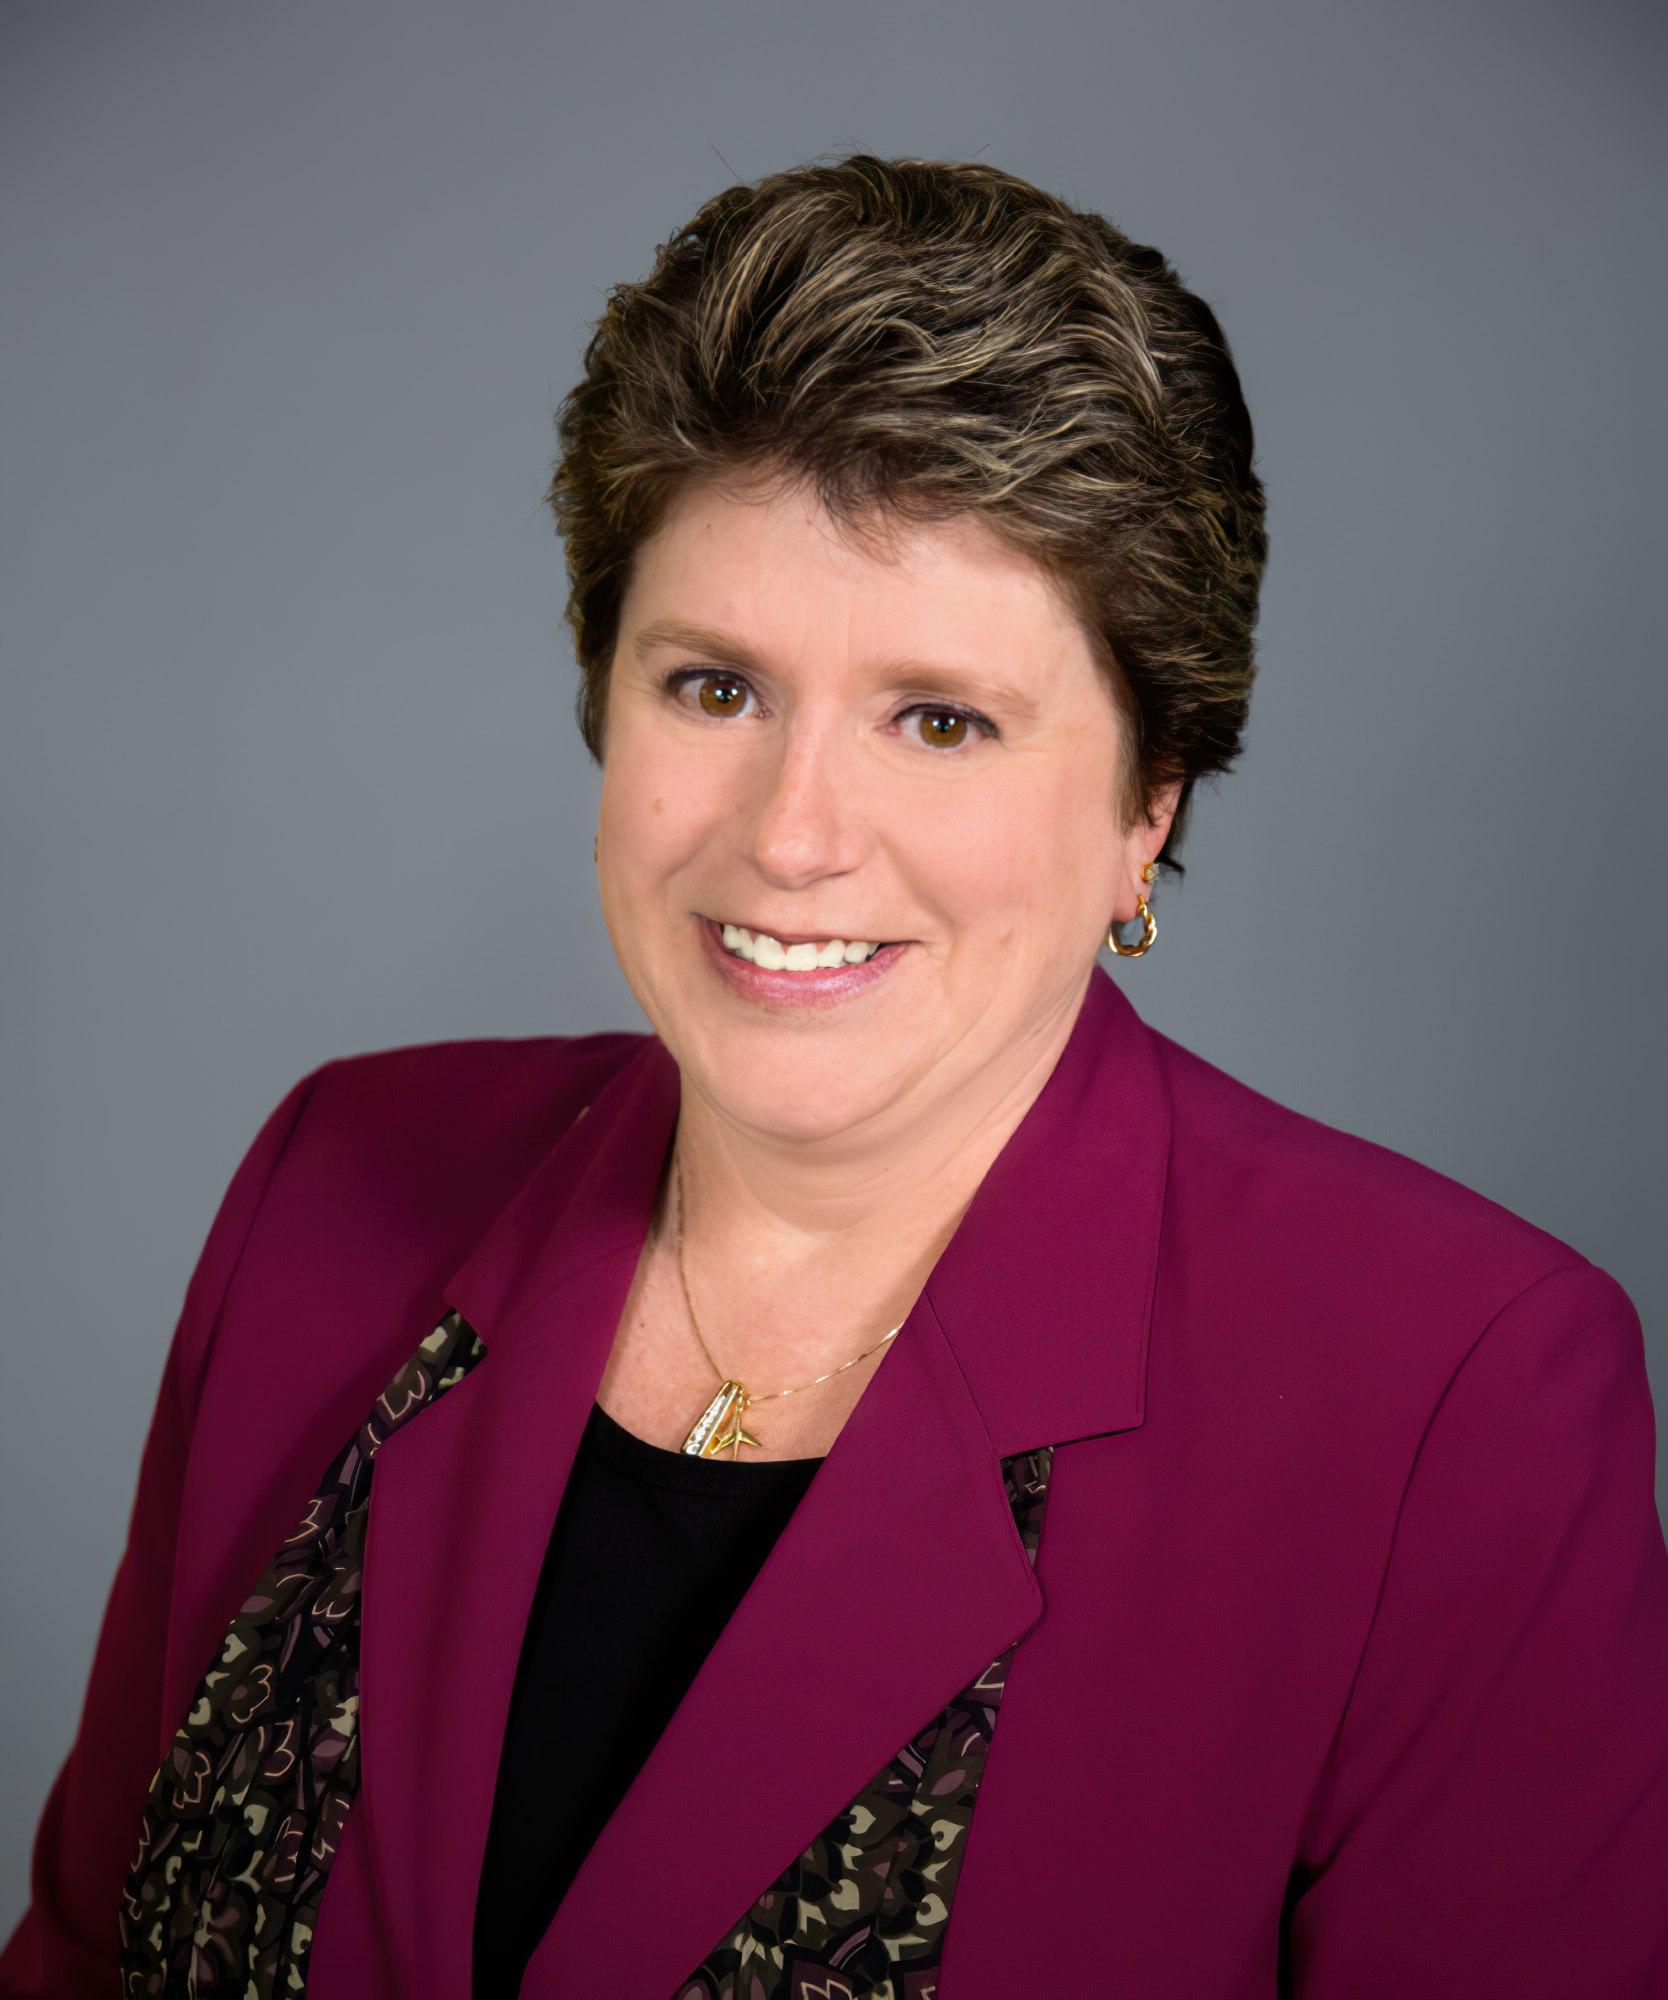 Sharon Gologram Profile Picture